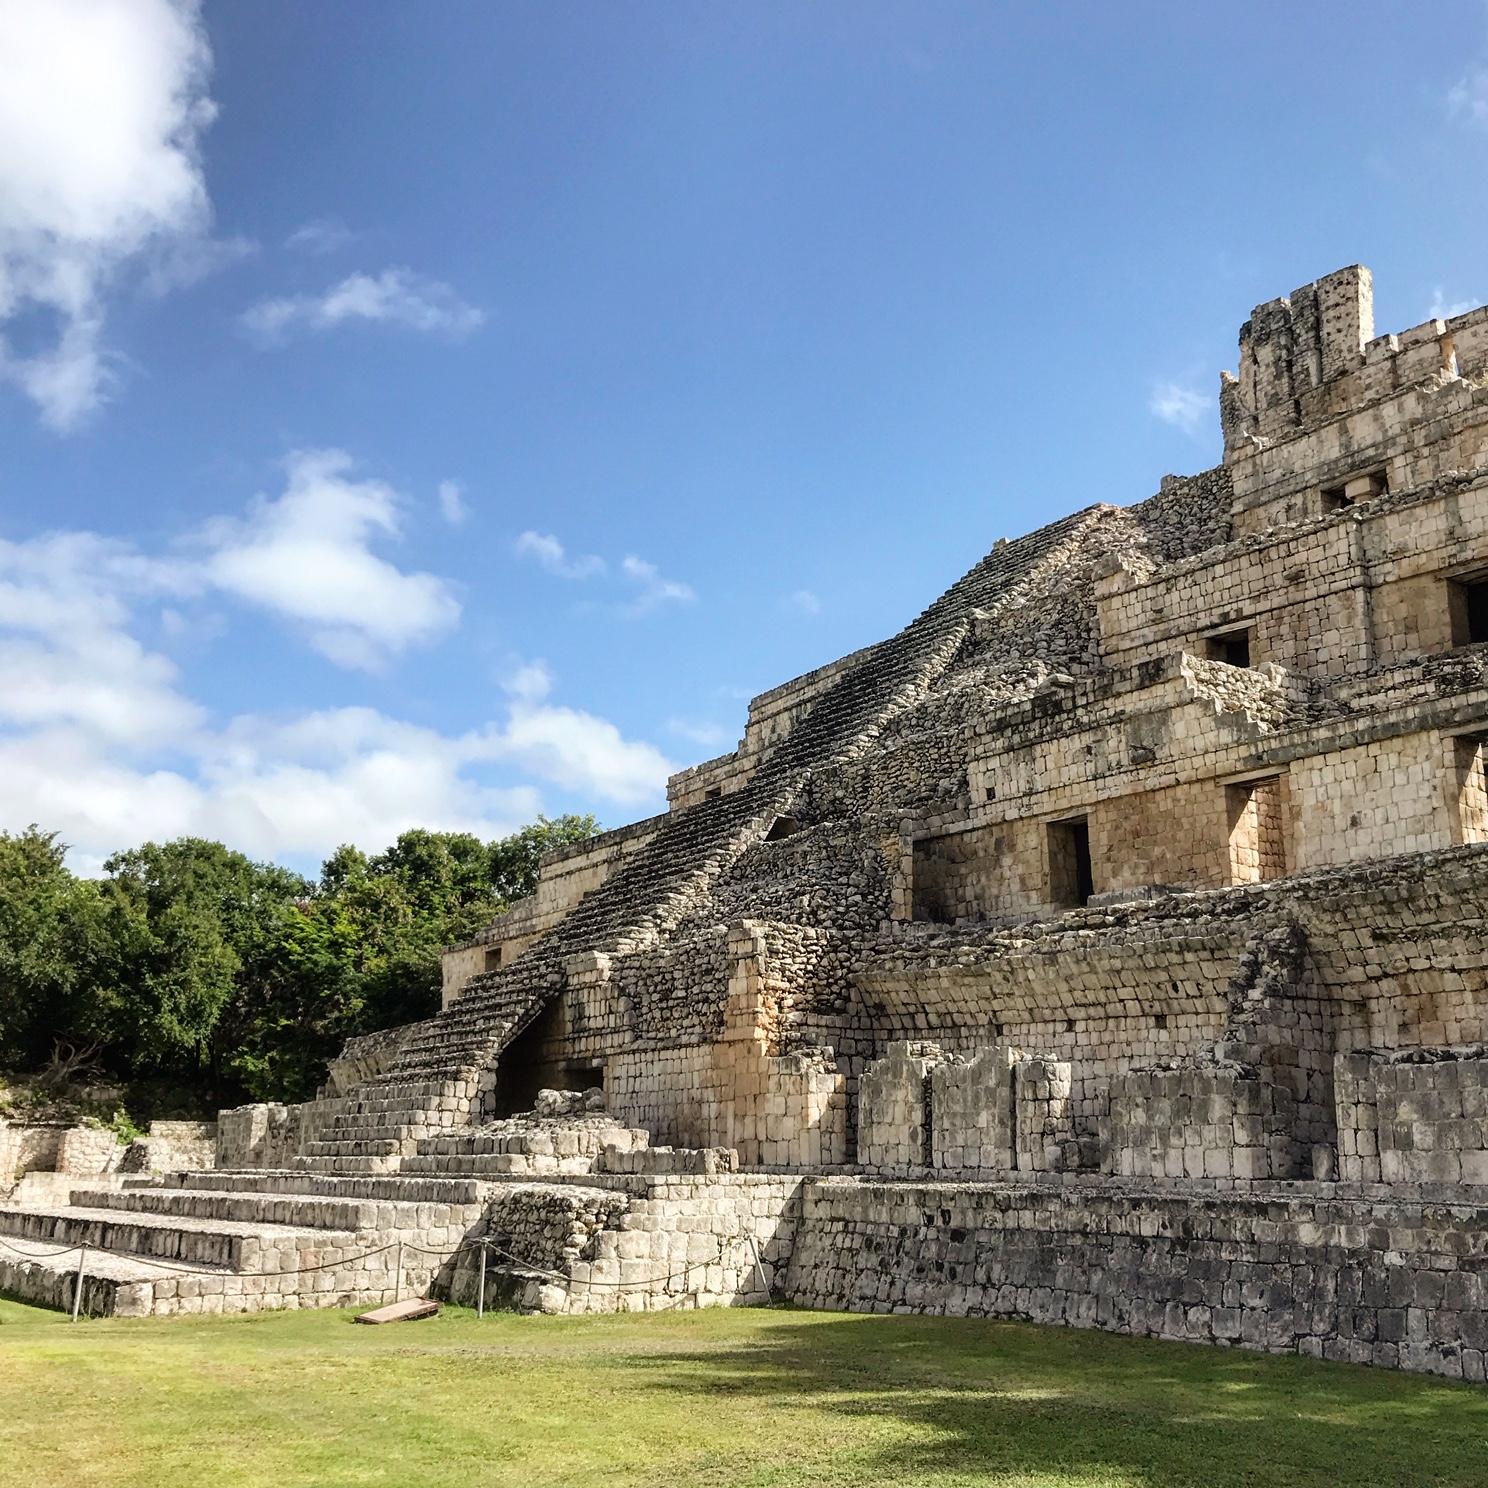 Edzna Mexico